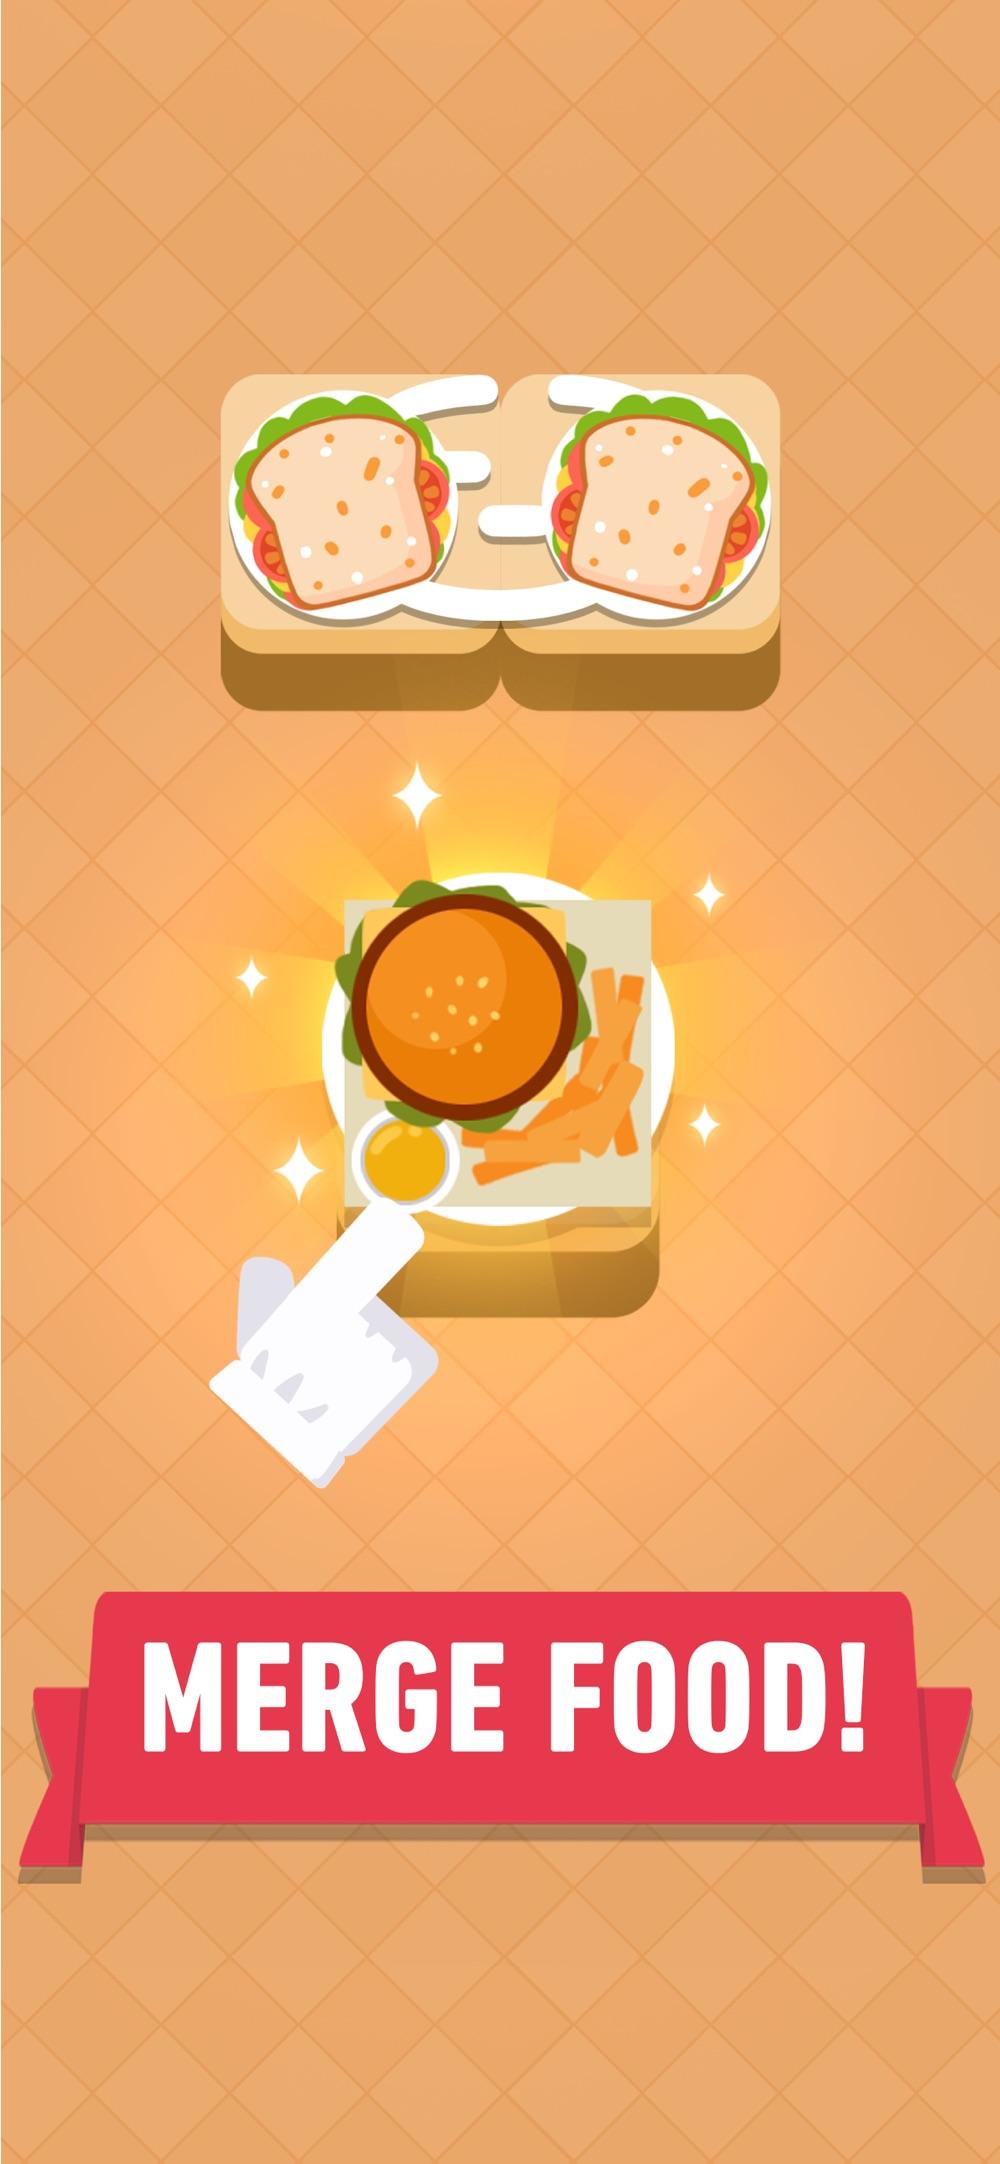 Merge Food